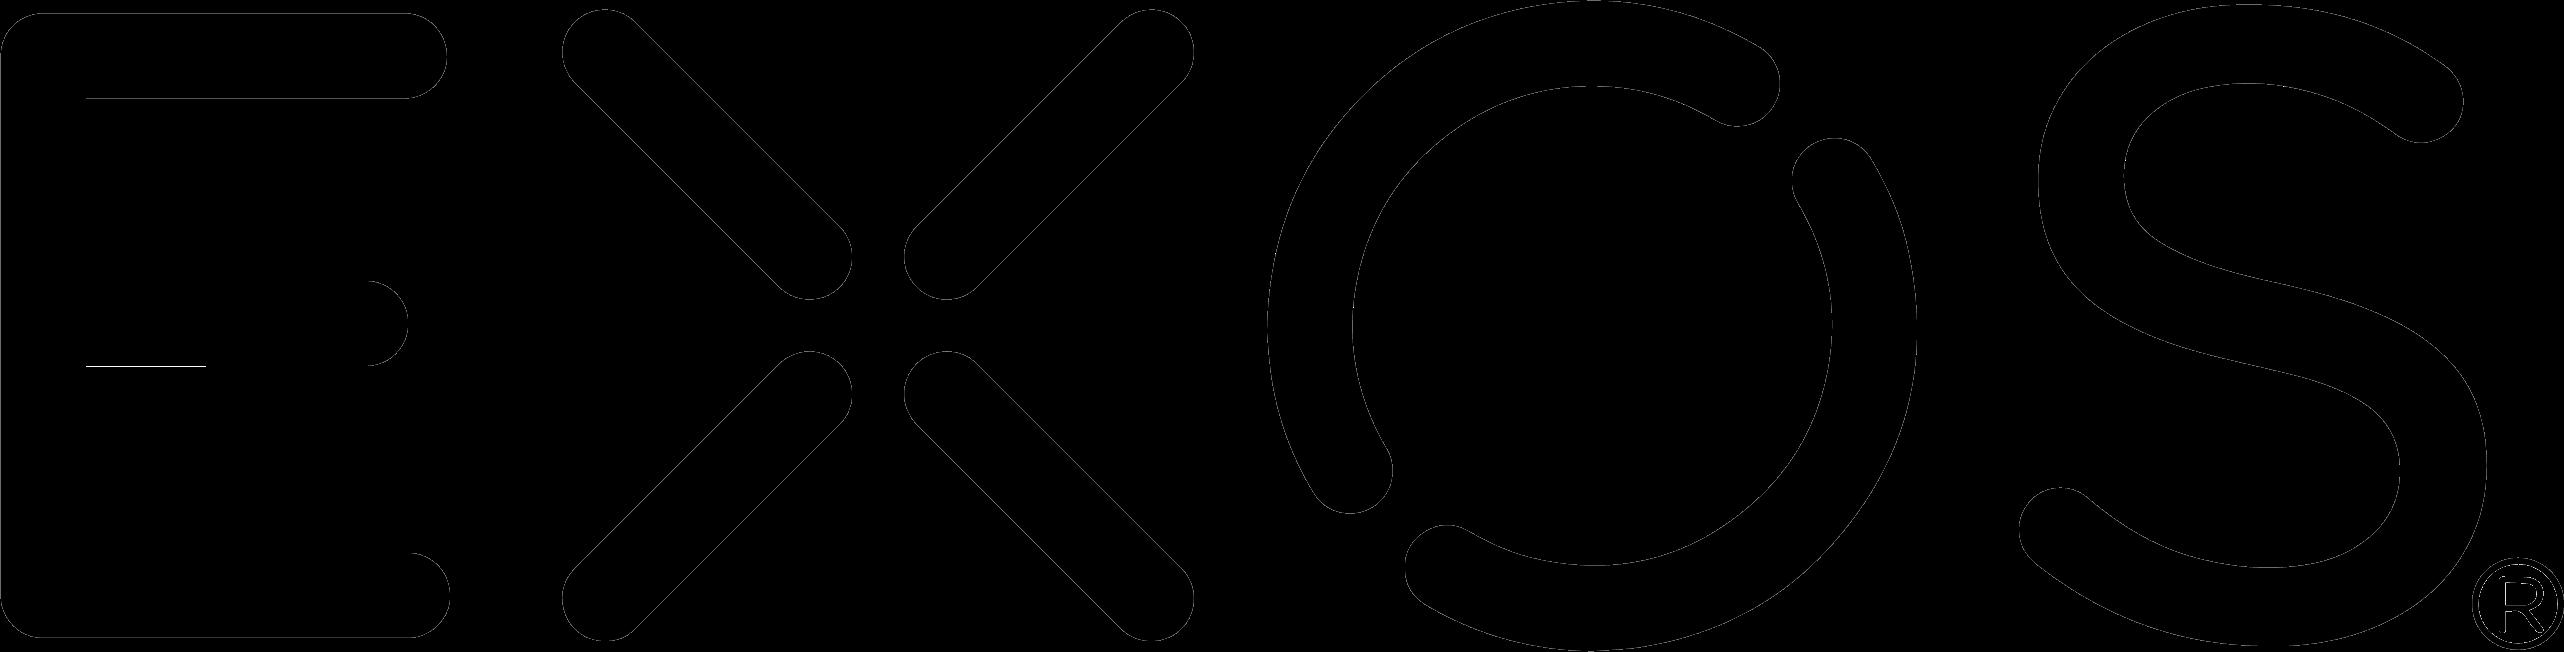 EXOS Logo png